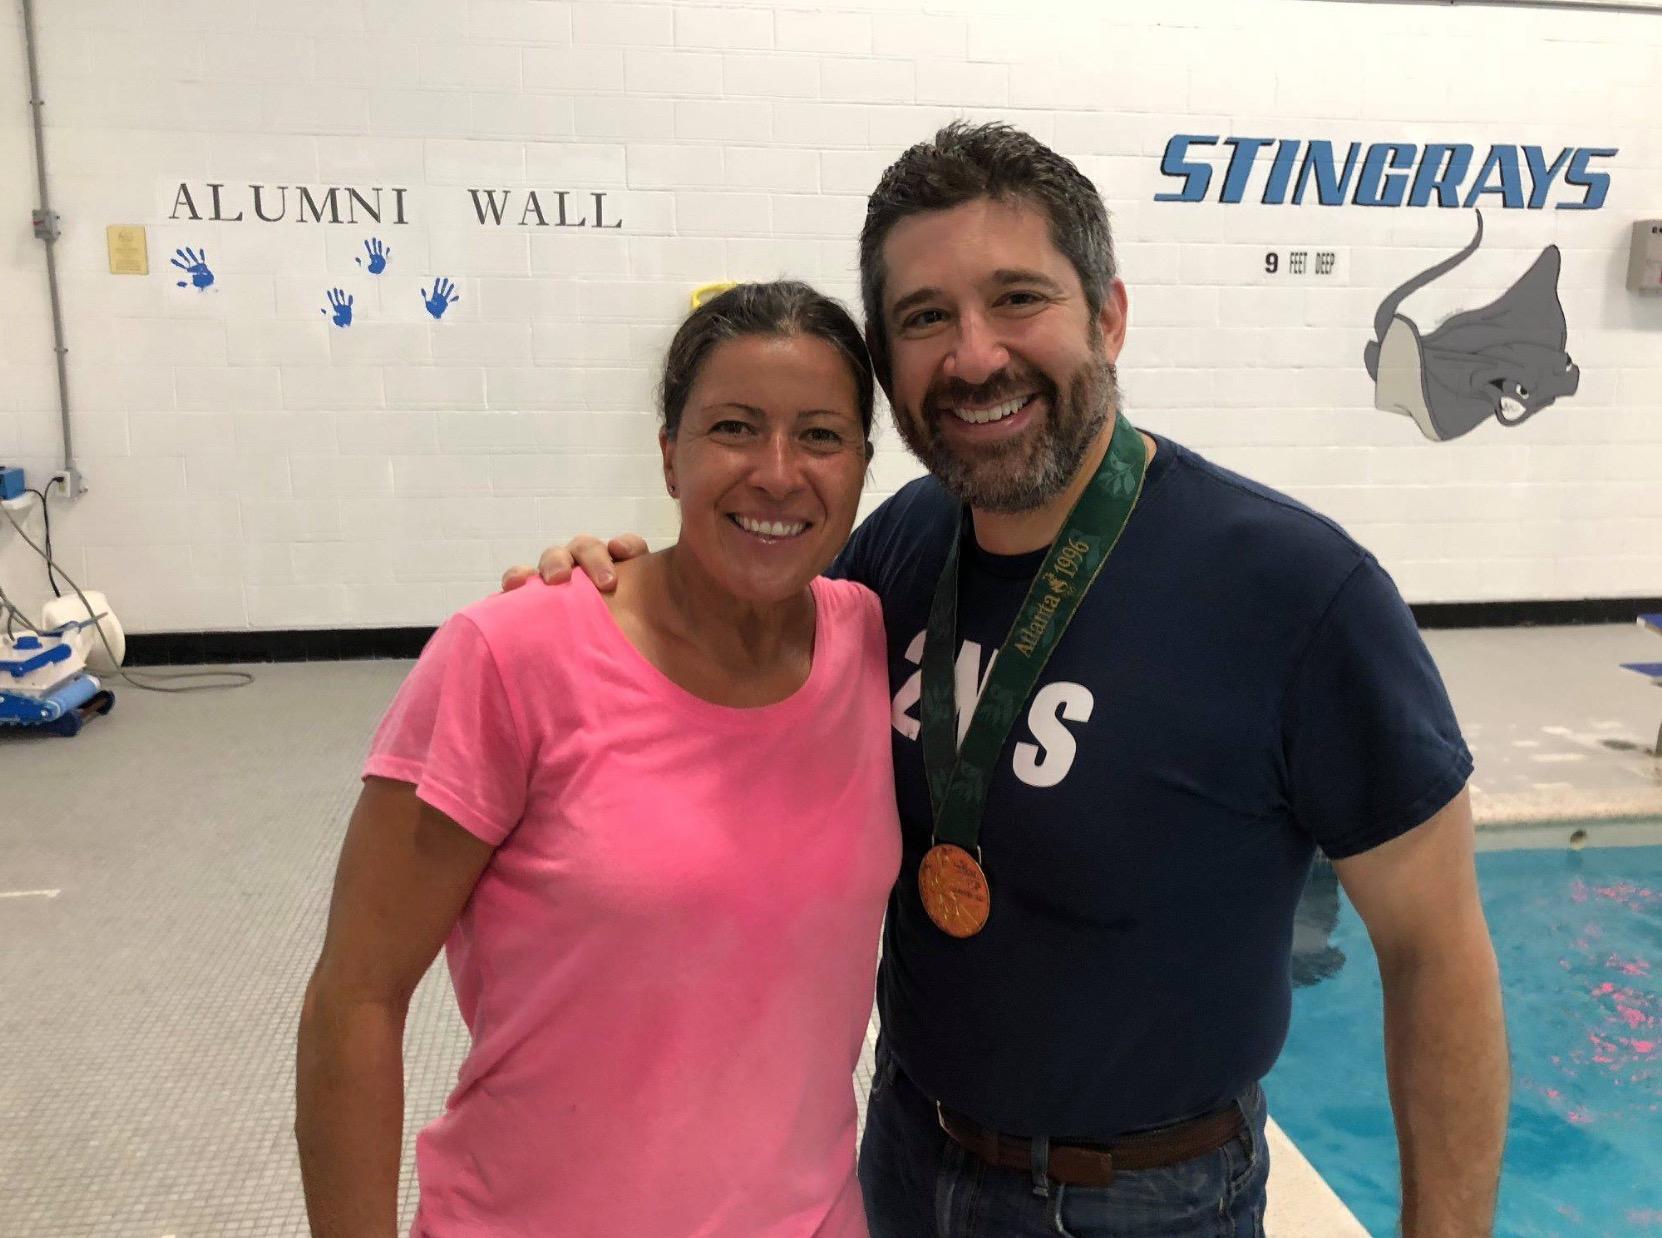 David Leit Sheila swim training